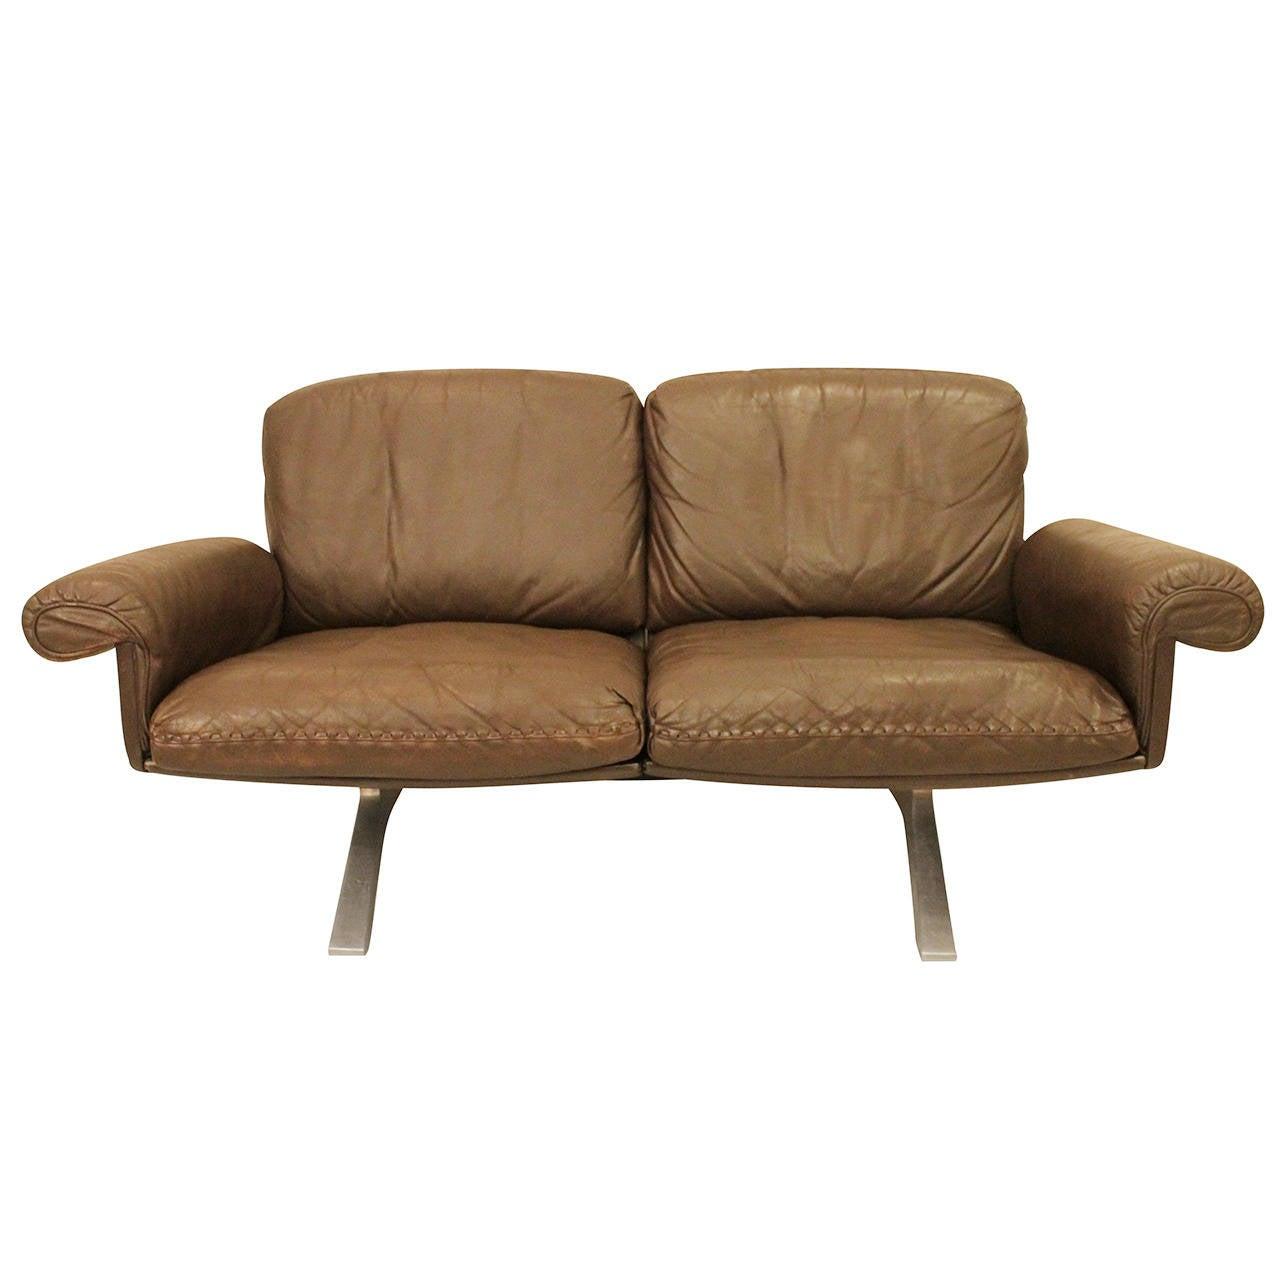 De Sede 2 Seater Sofa Chocolate Brown At 1stdibs